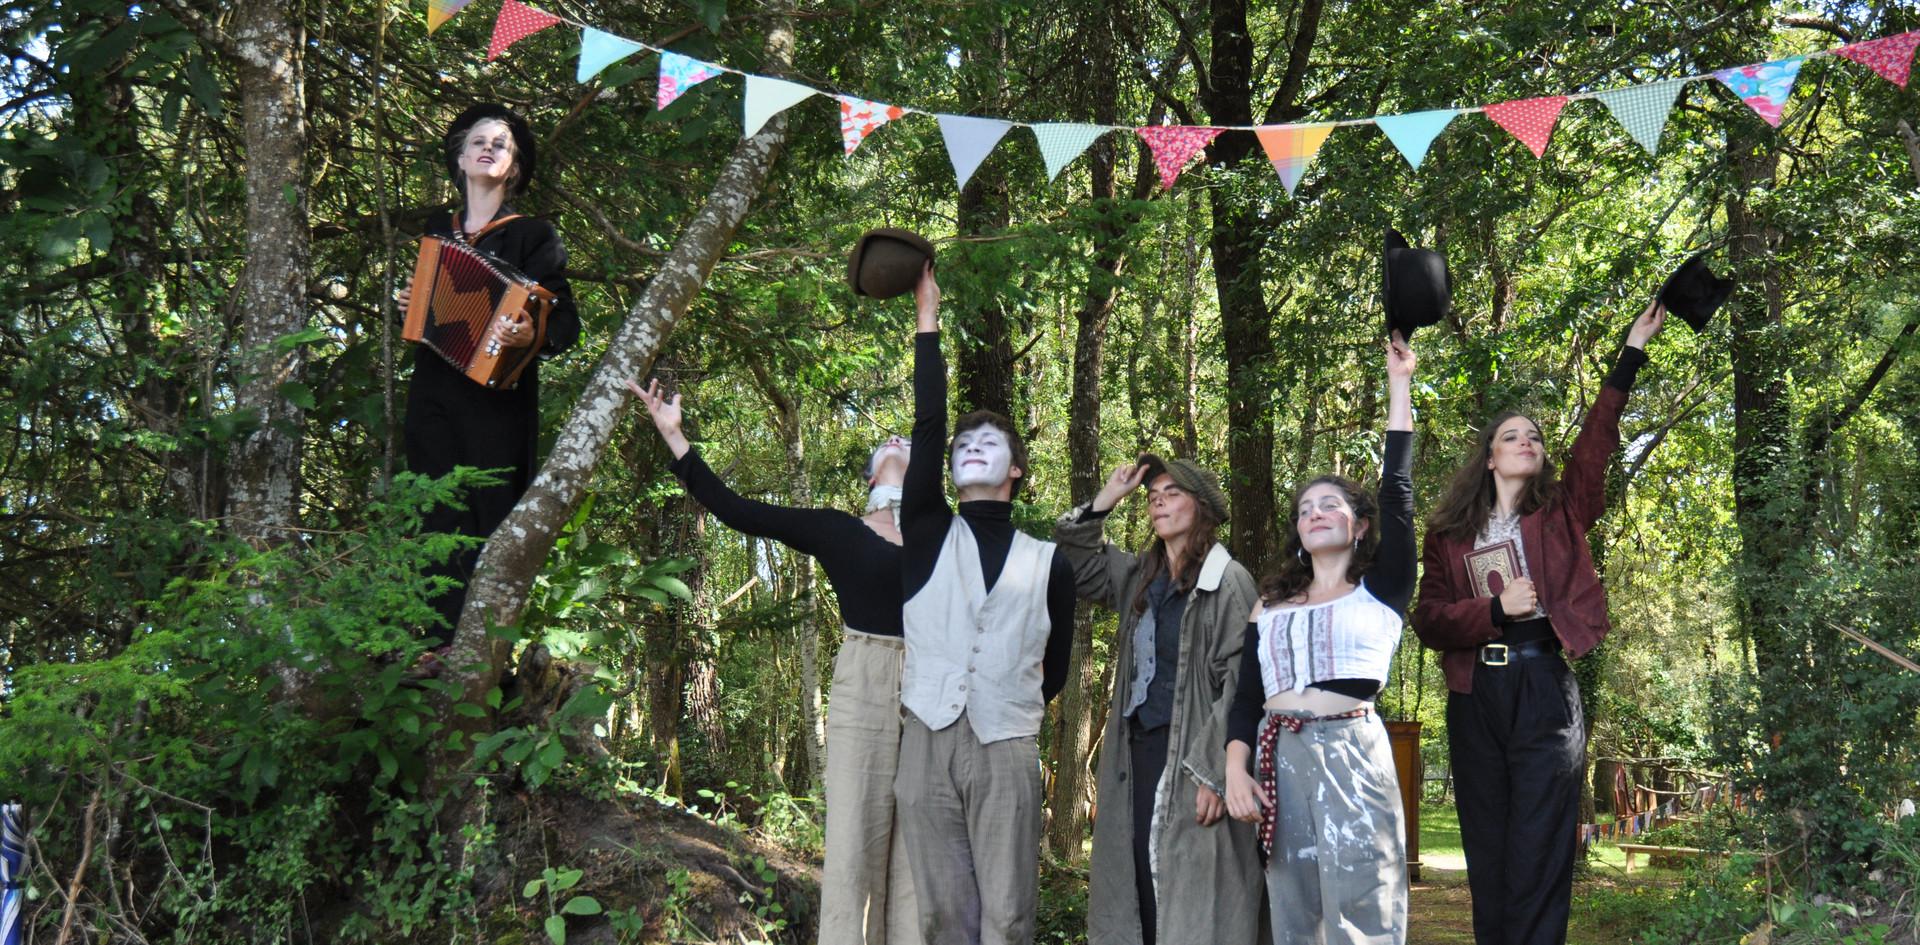 Entrez dans la forêt des artistes